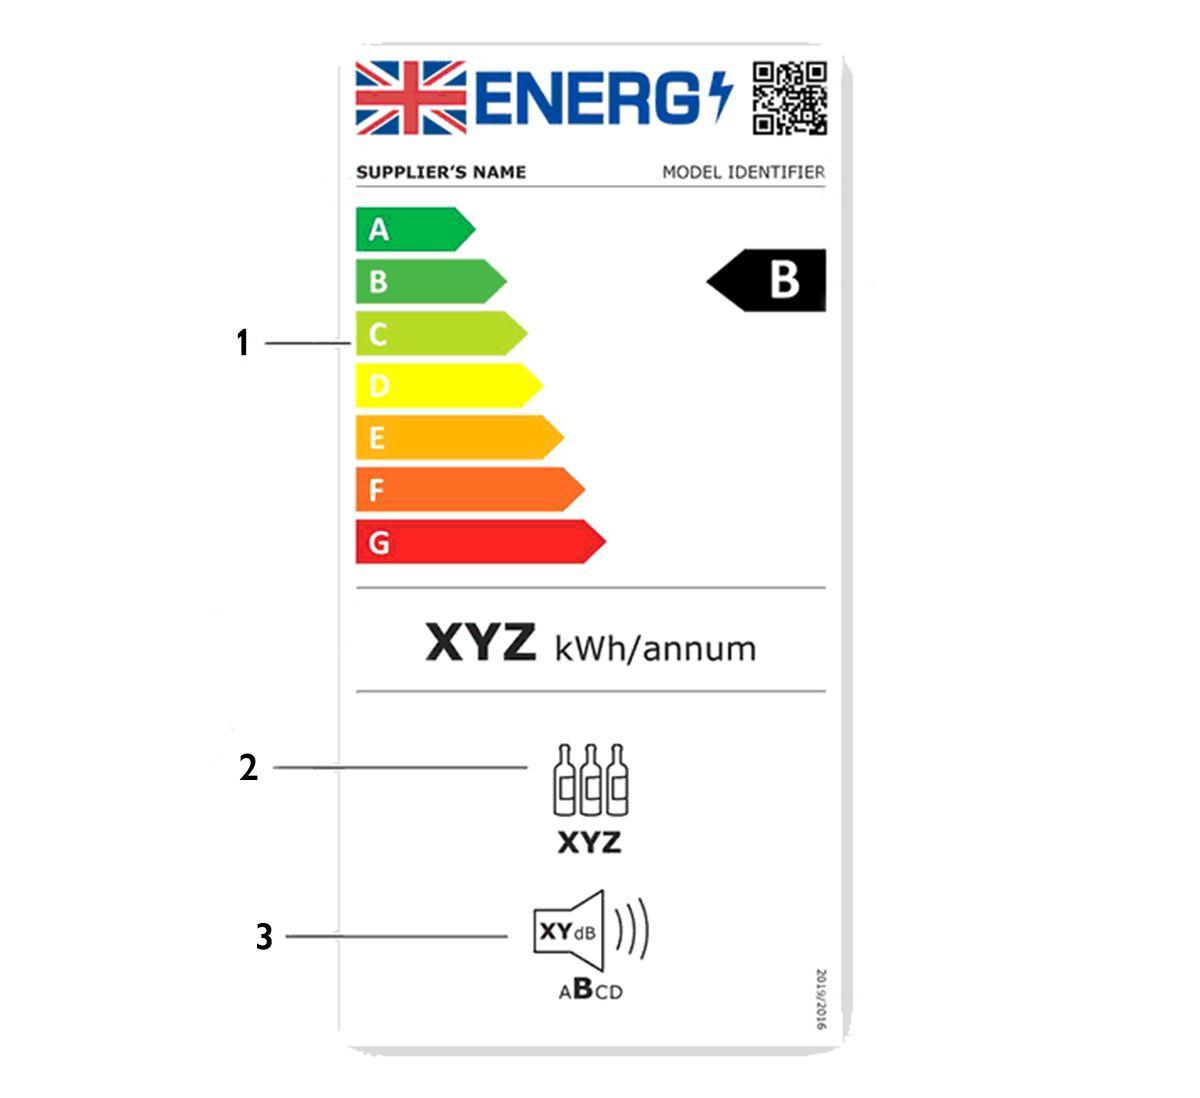 Wine storage energy label